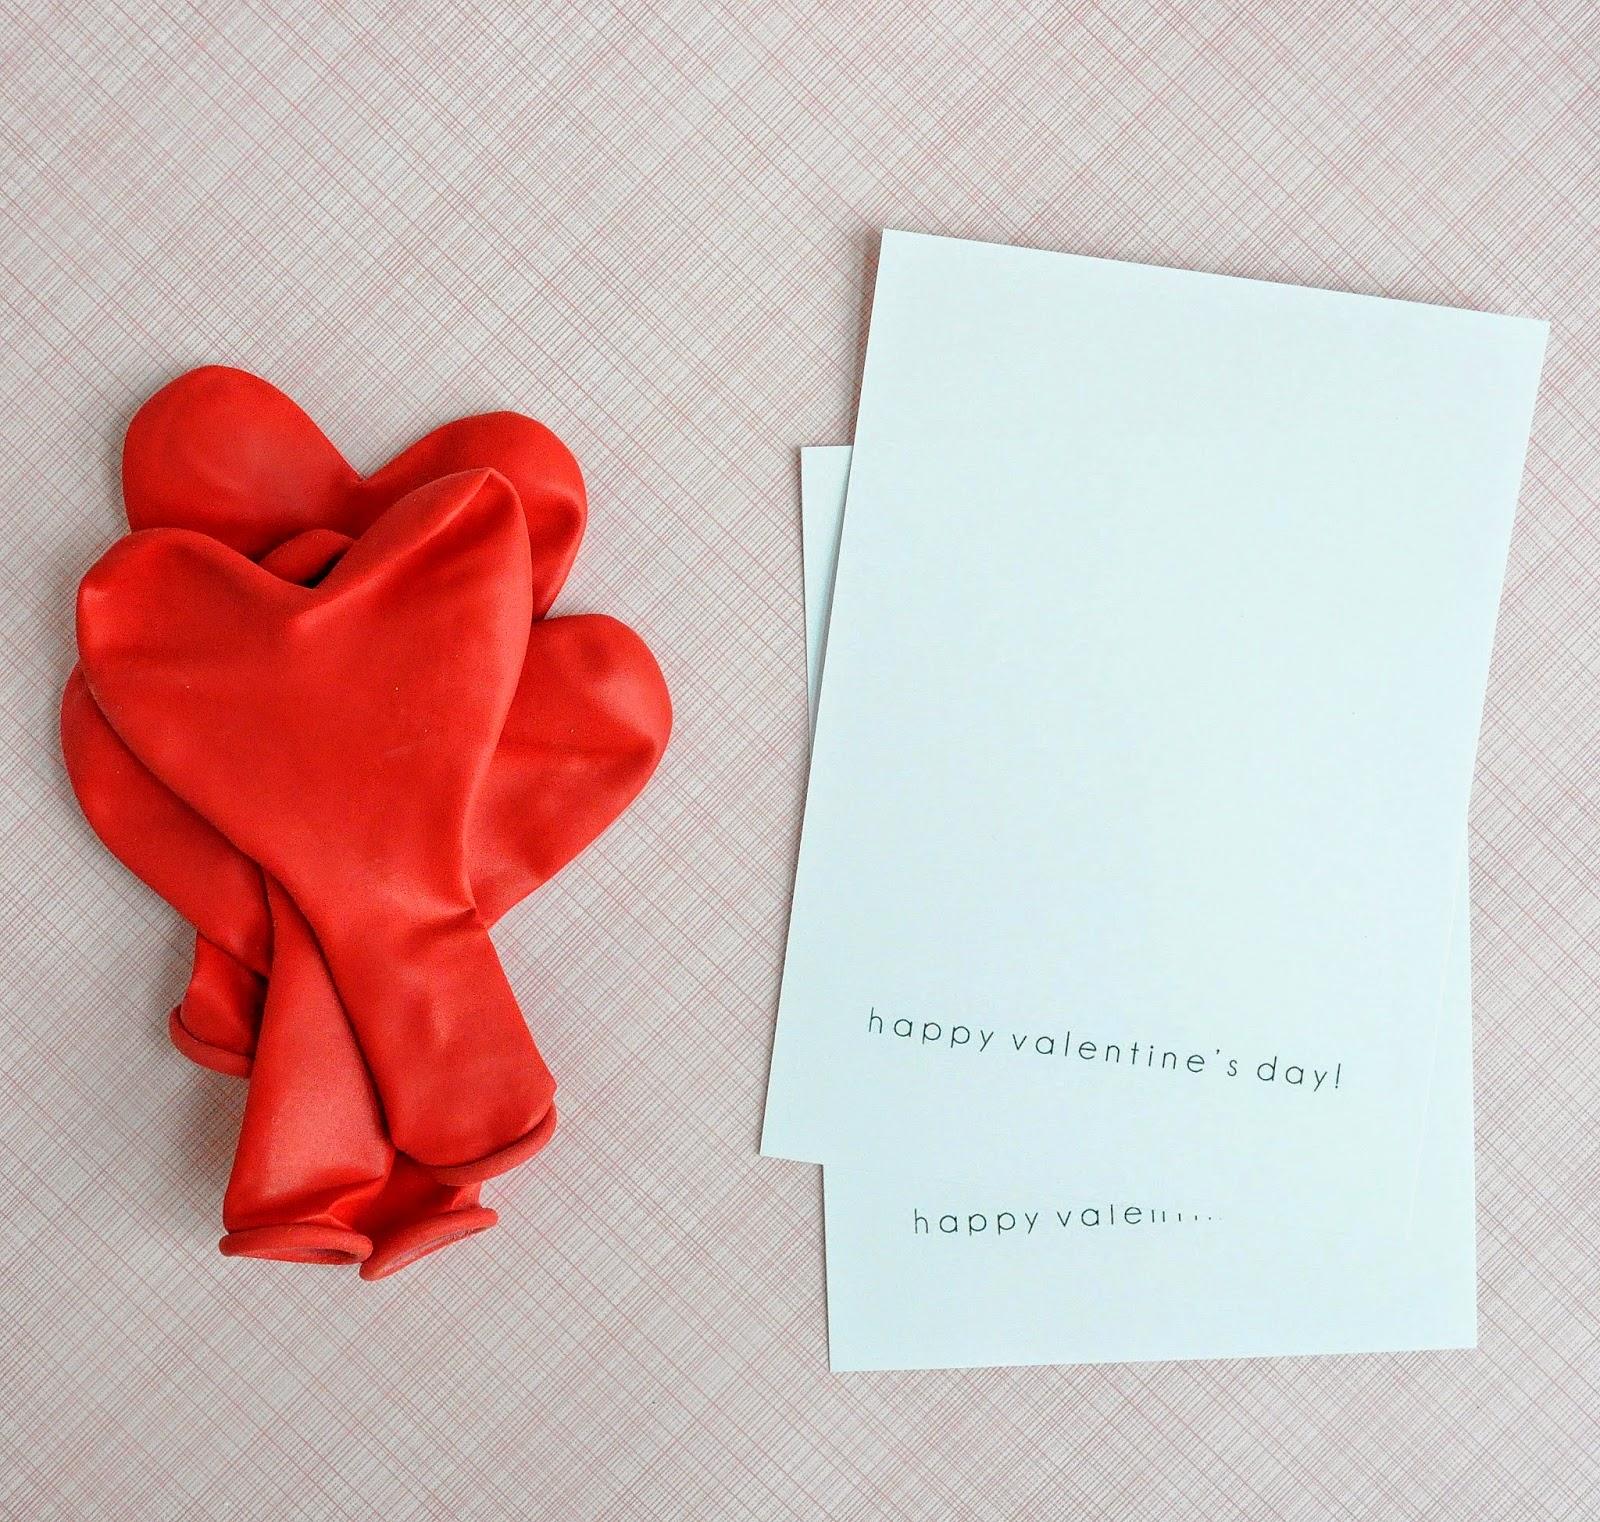 materiales necesarios para hacer tarjetitas de amor, globos en forma de corazón y tarjetas blandas, ideas para san valentín